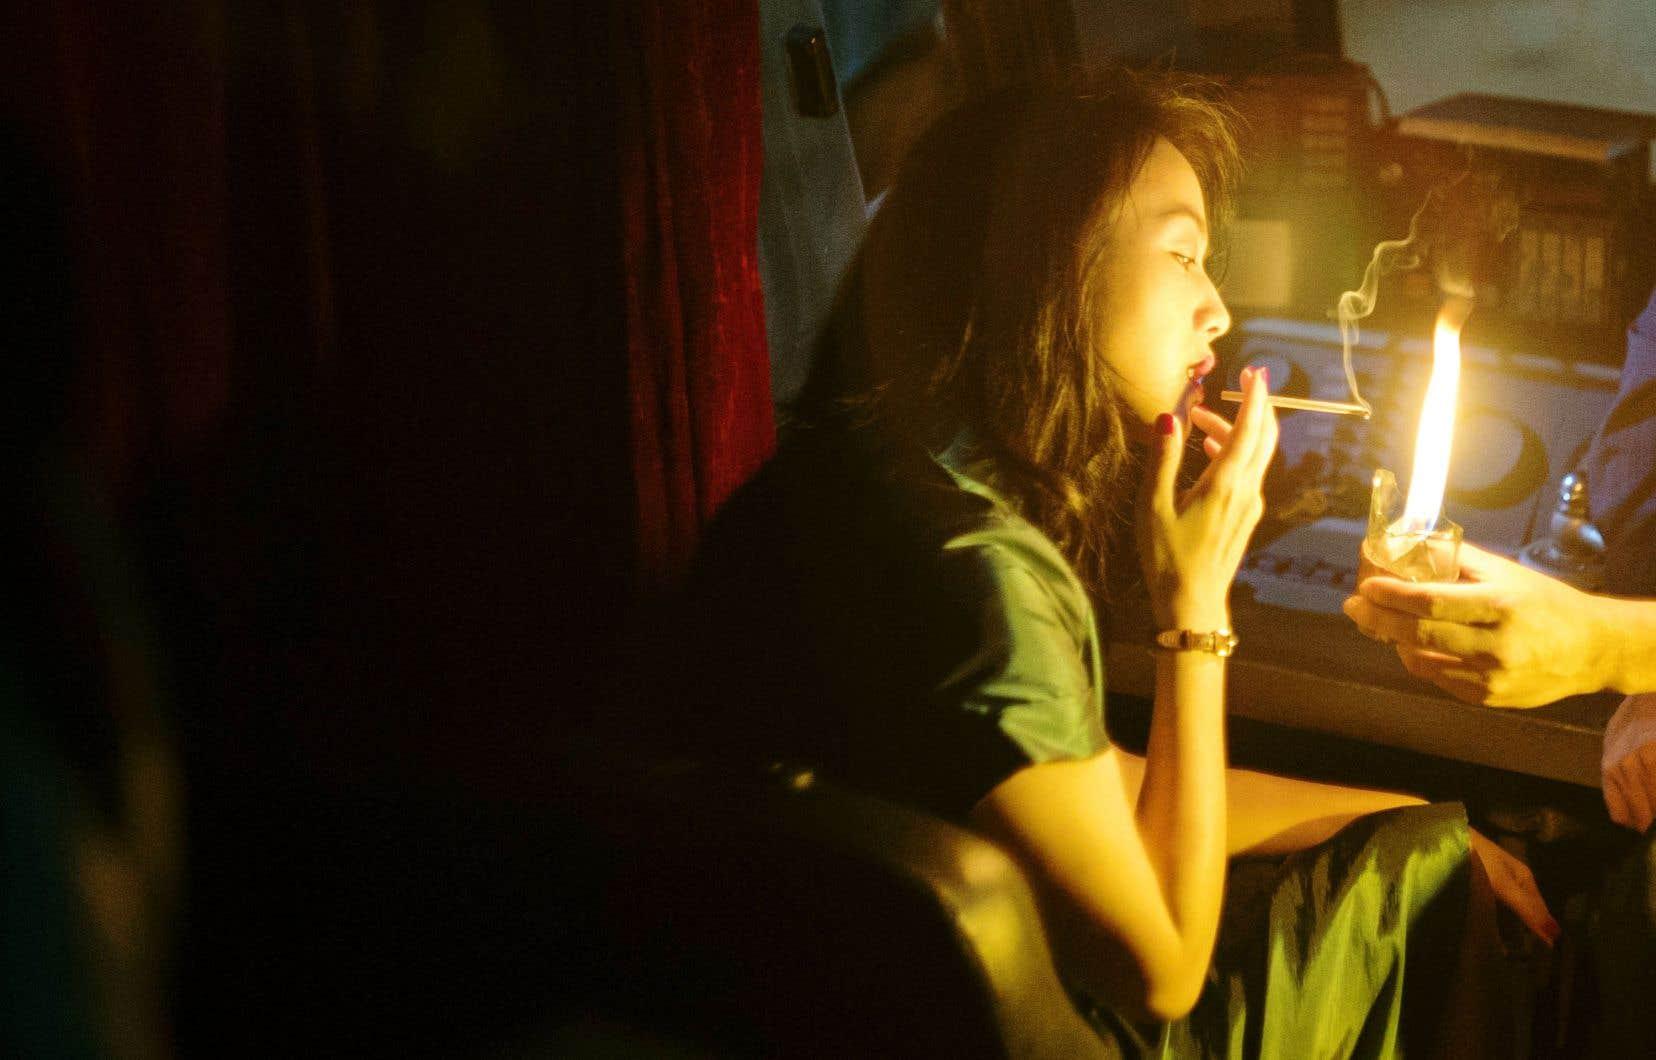 Le film baigne volontiers dans une lumière quasi surnaturelle et Bi Gan insuffle beauté et précision à chacun de ses plans.